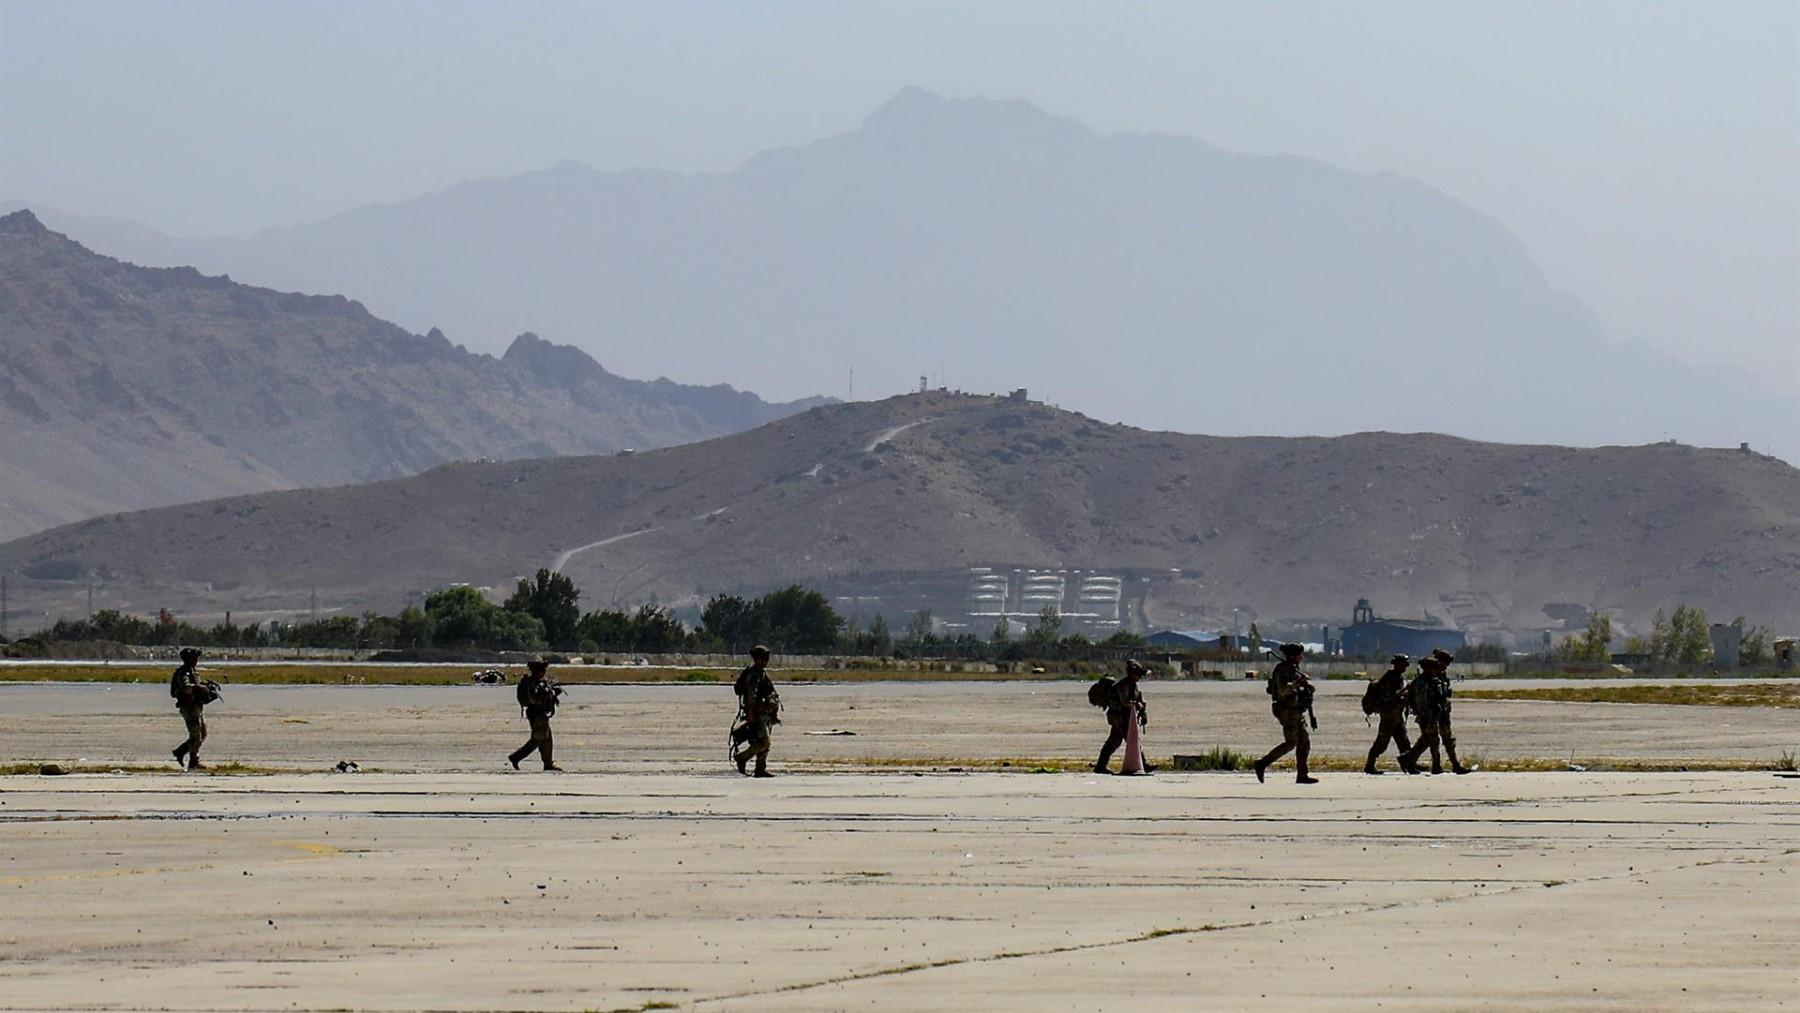 Trabajos de evacuación en el aeropuerto de Kabul (Marina de EEUU / ZUMA PRESS / CONTACTOPHOTO)